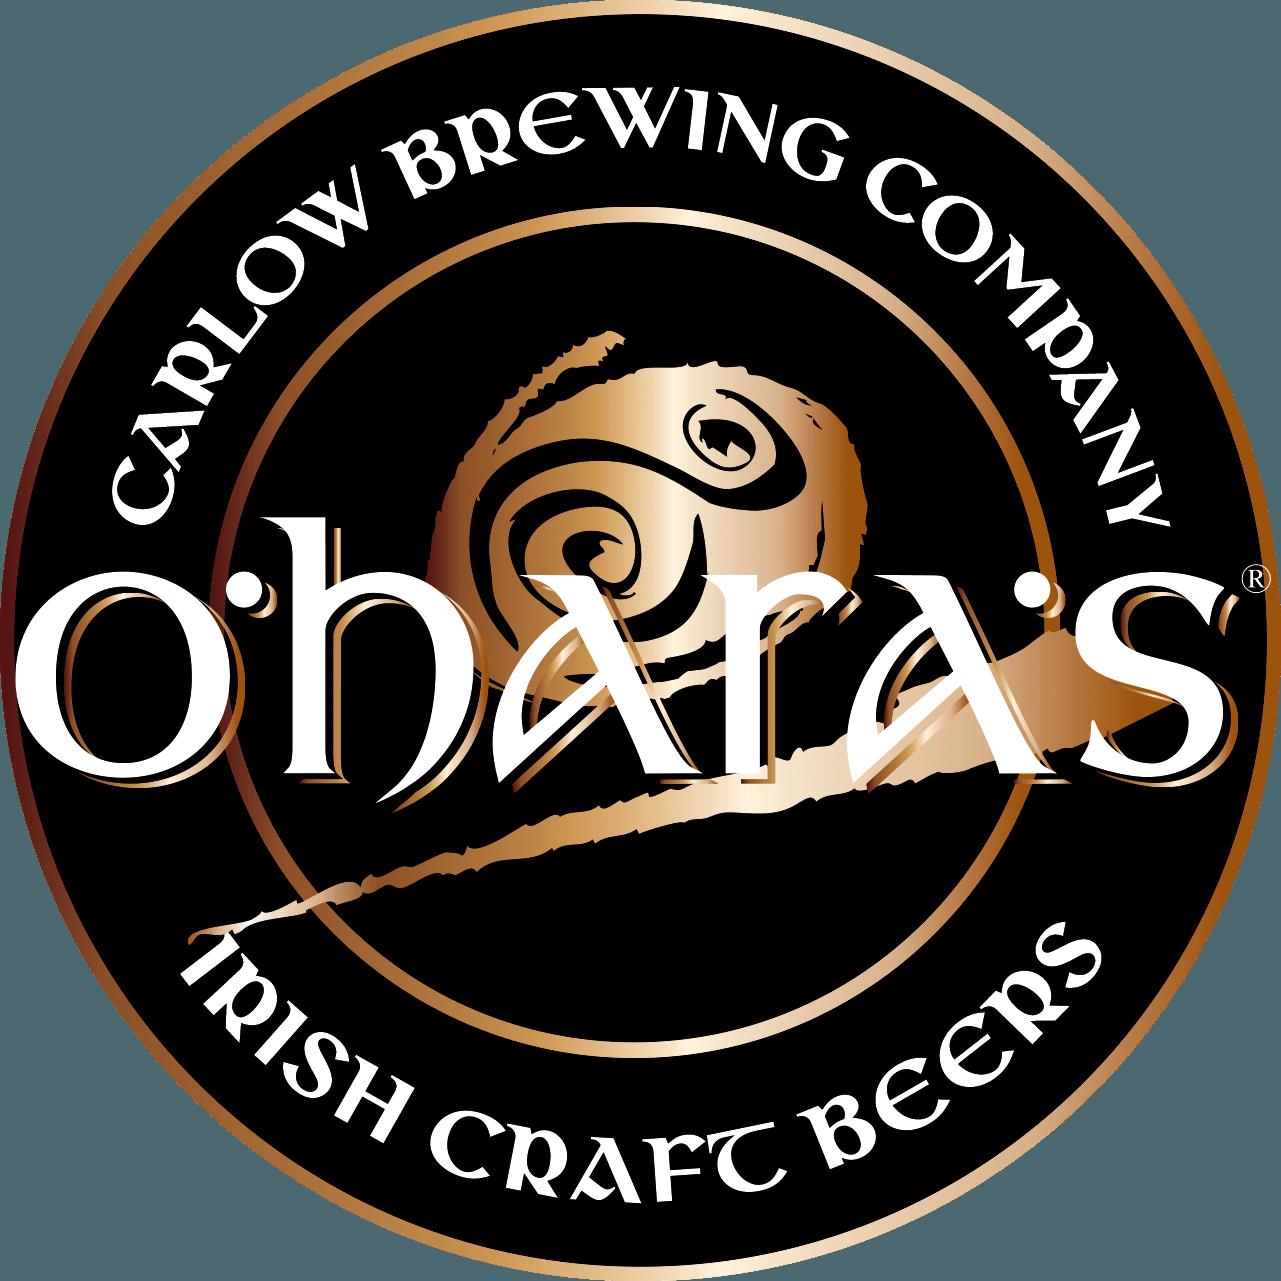 OHaras_logo